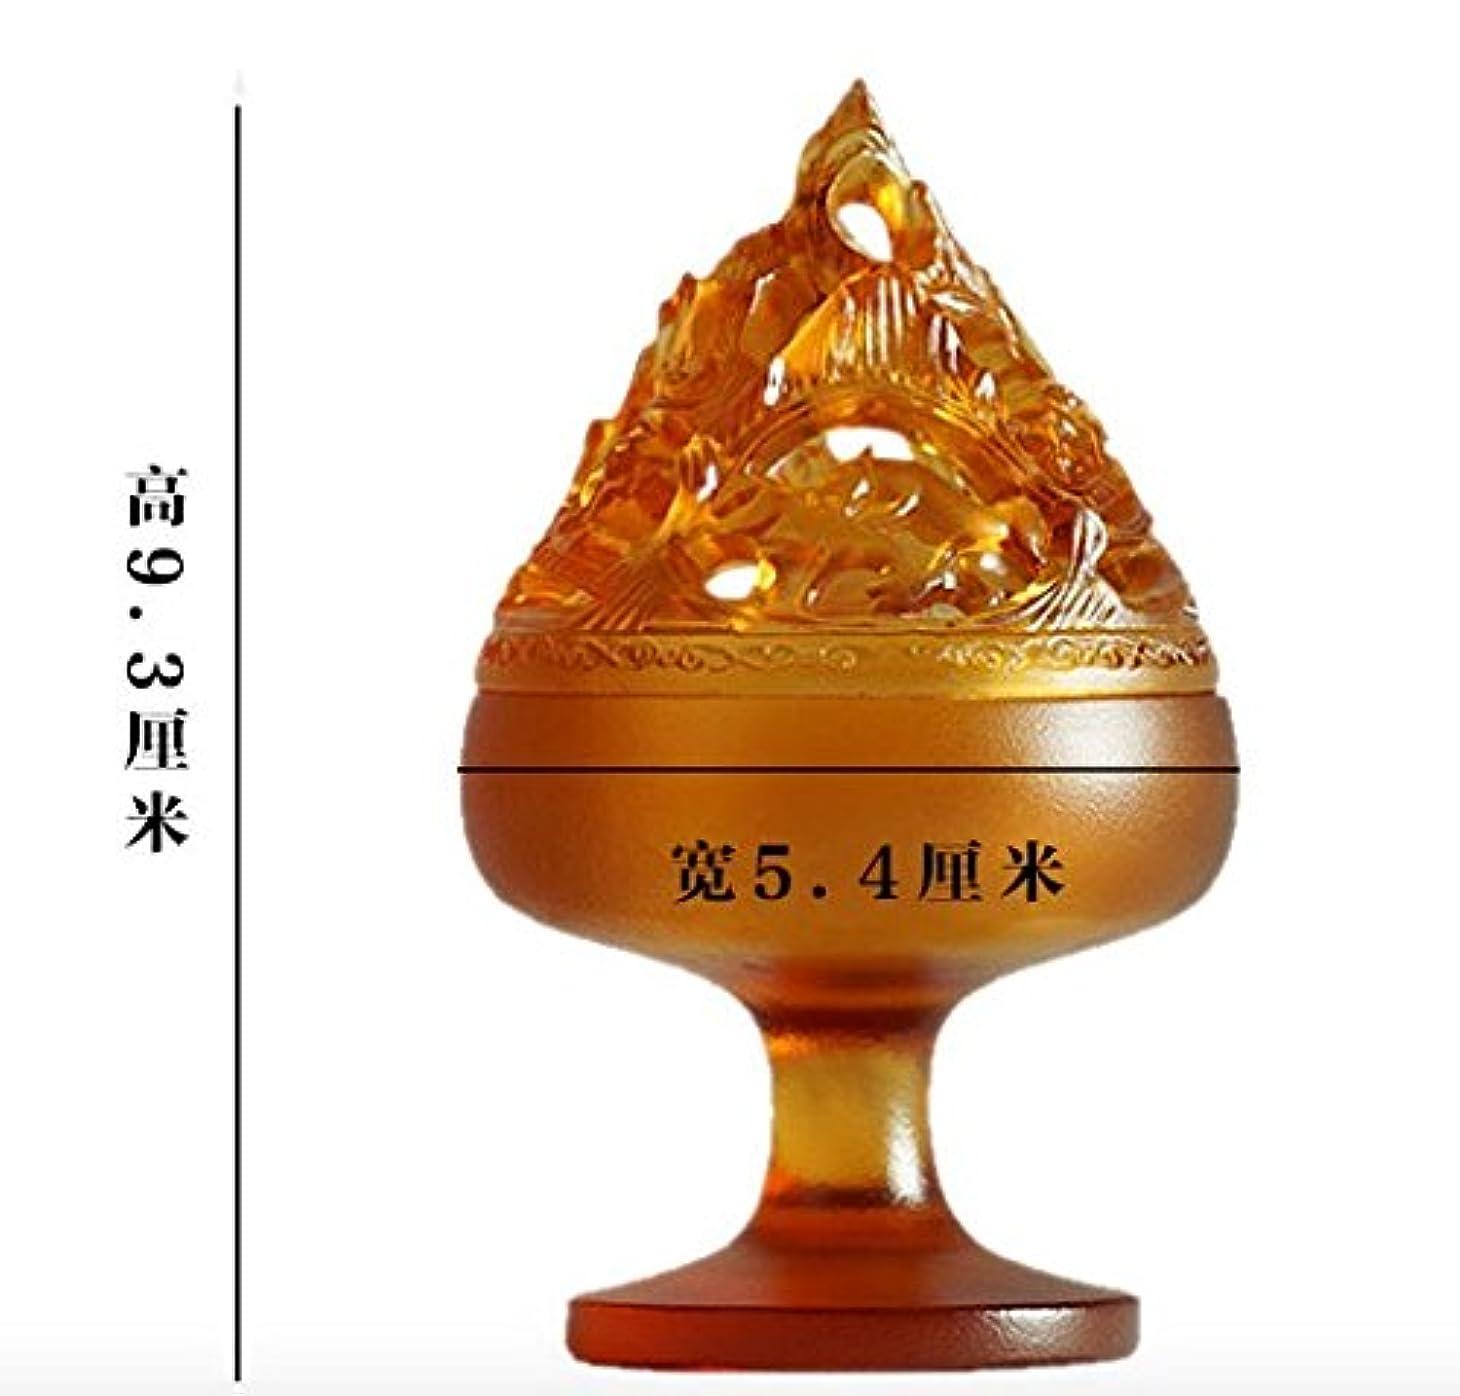 ゴージャス無駄フリッパー【Lenni】仿古博山炉 香道 博物館模倣 瑠璃アロマ香炉 沉香熏香炉